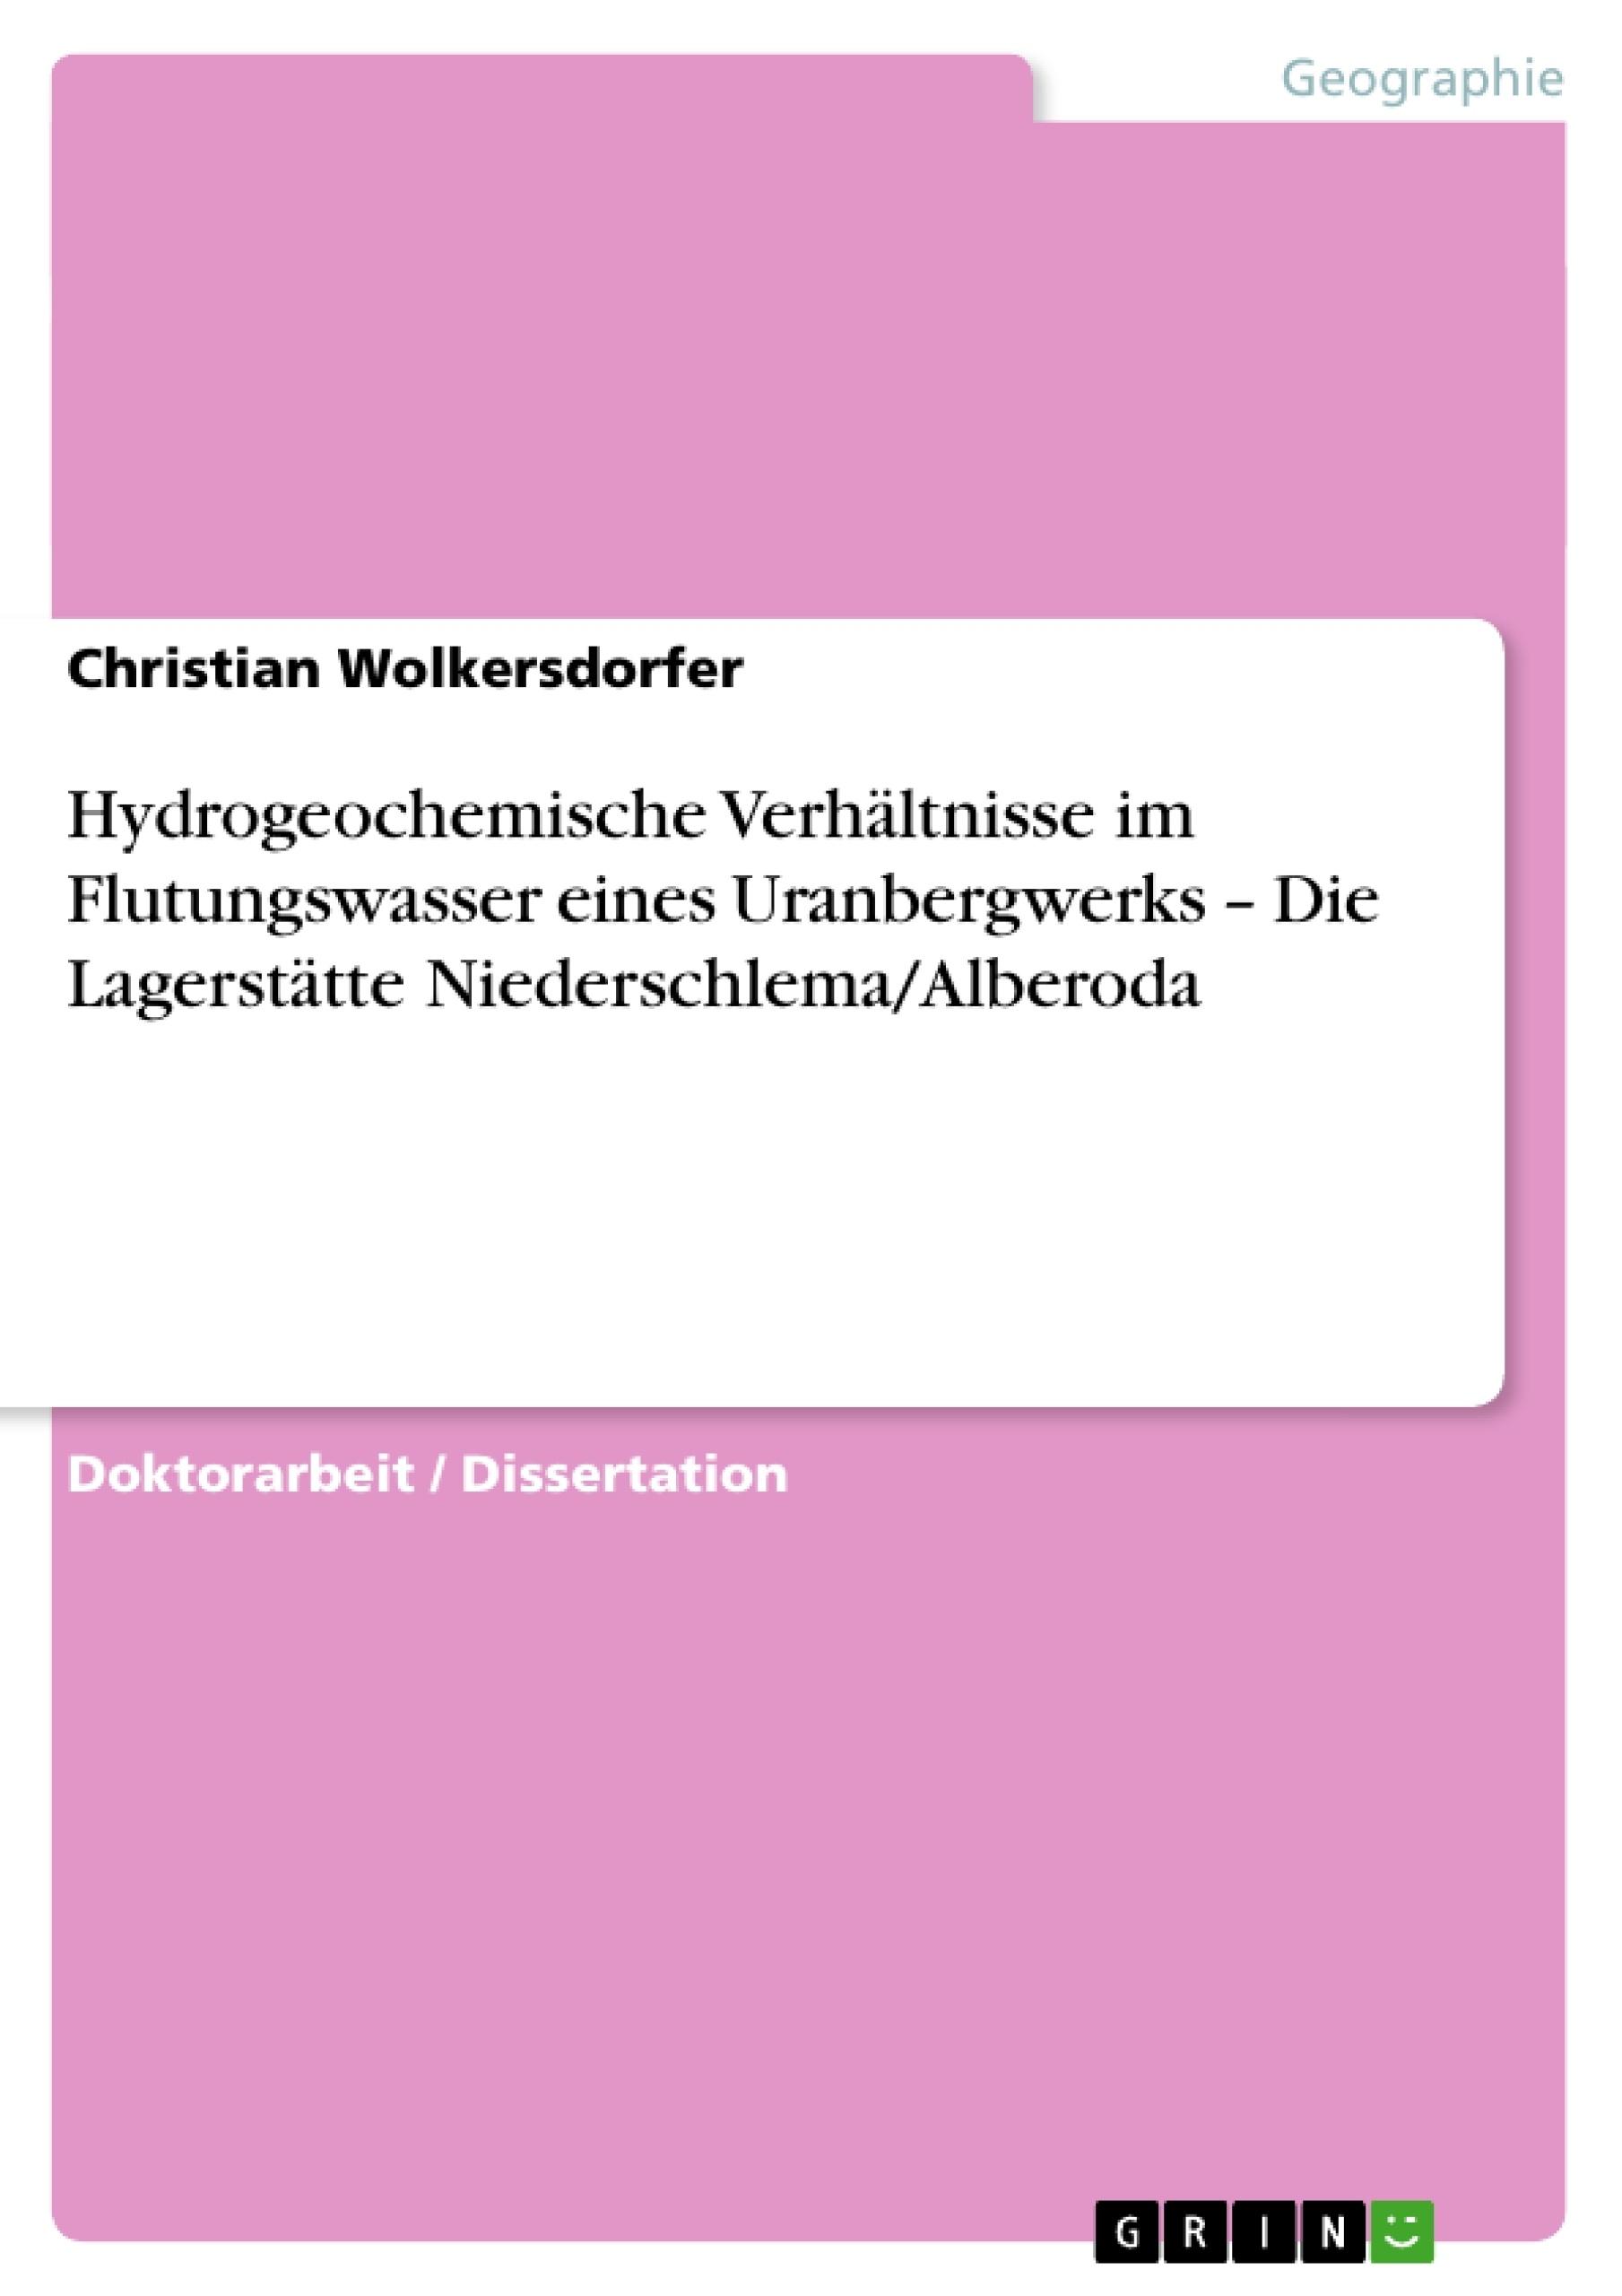 Titel: Hydrogeochemische Verhältnisse im Flutungswasser eines Uranbergwerks – Die Lagerstätte Niederschlema/Alberoda